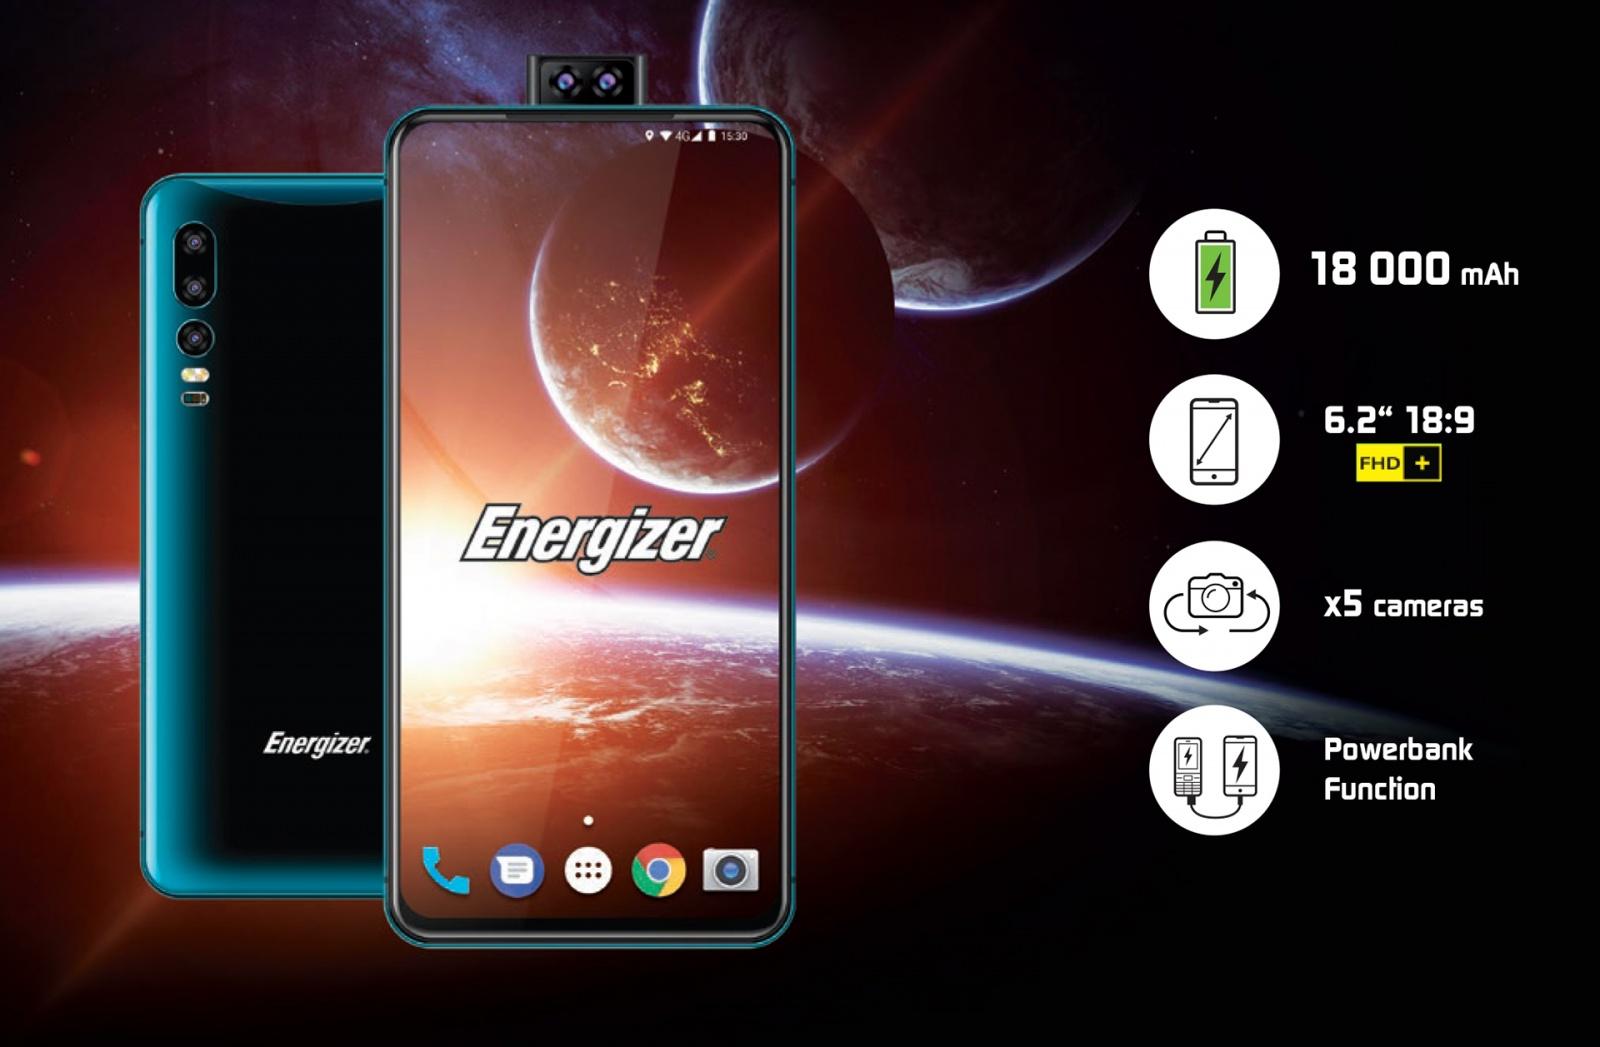 Телефон от Energizer: 18000 мАч чистой энергии - 1